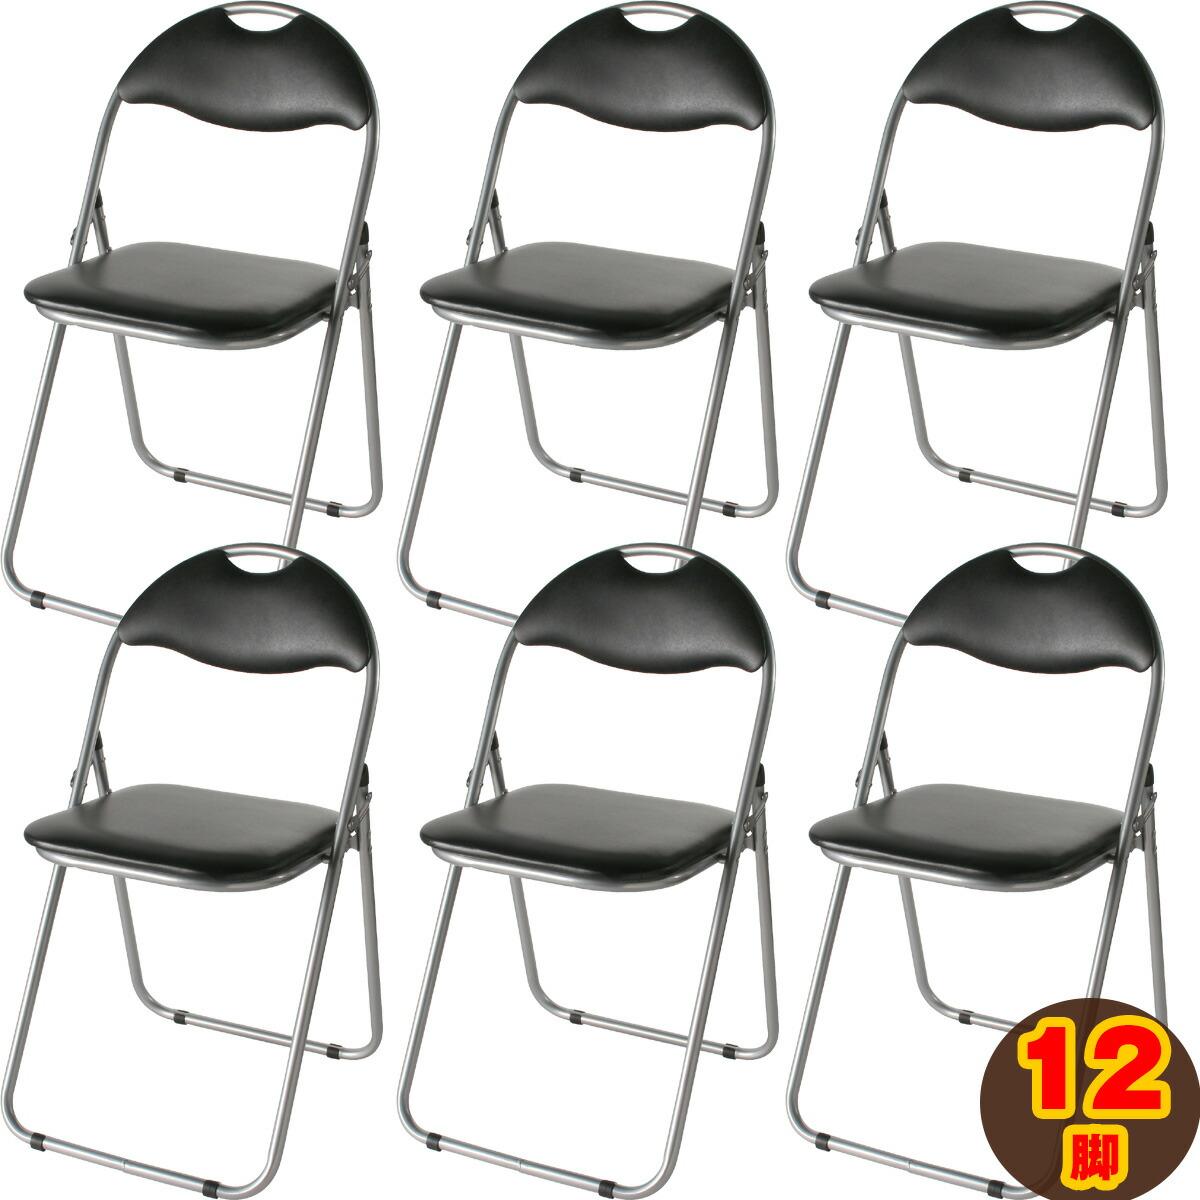 【12脚/1セット】折りたたみ椅子 軽量 持ち運び ミーティングチェア パイプ椅子 折り畳み椅子 折り畳み椅子 パイプイス 一脚あたり1,140円(税抜)スチール製 幅45 奥43 高78cm IK-0102-12  13,680円